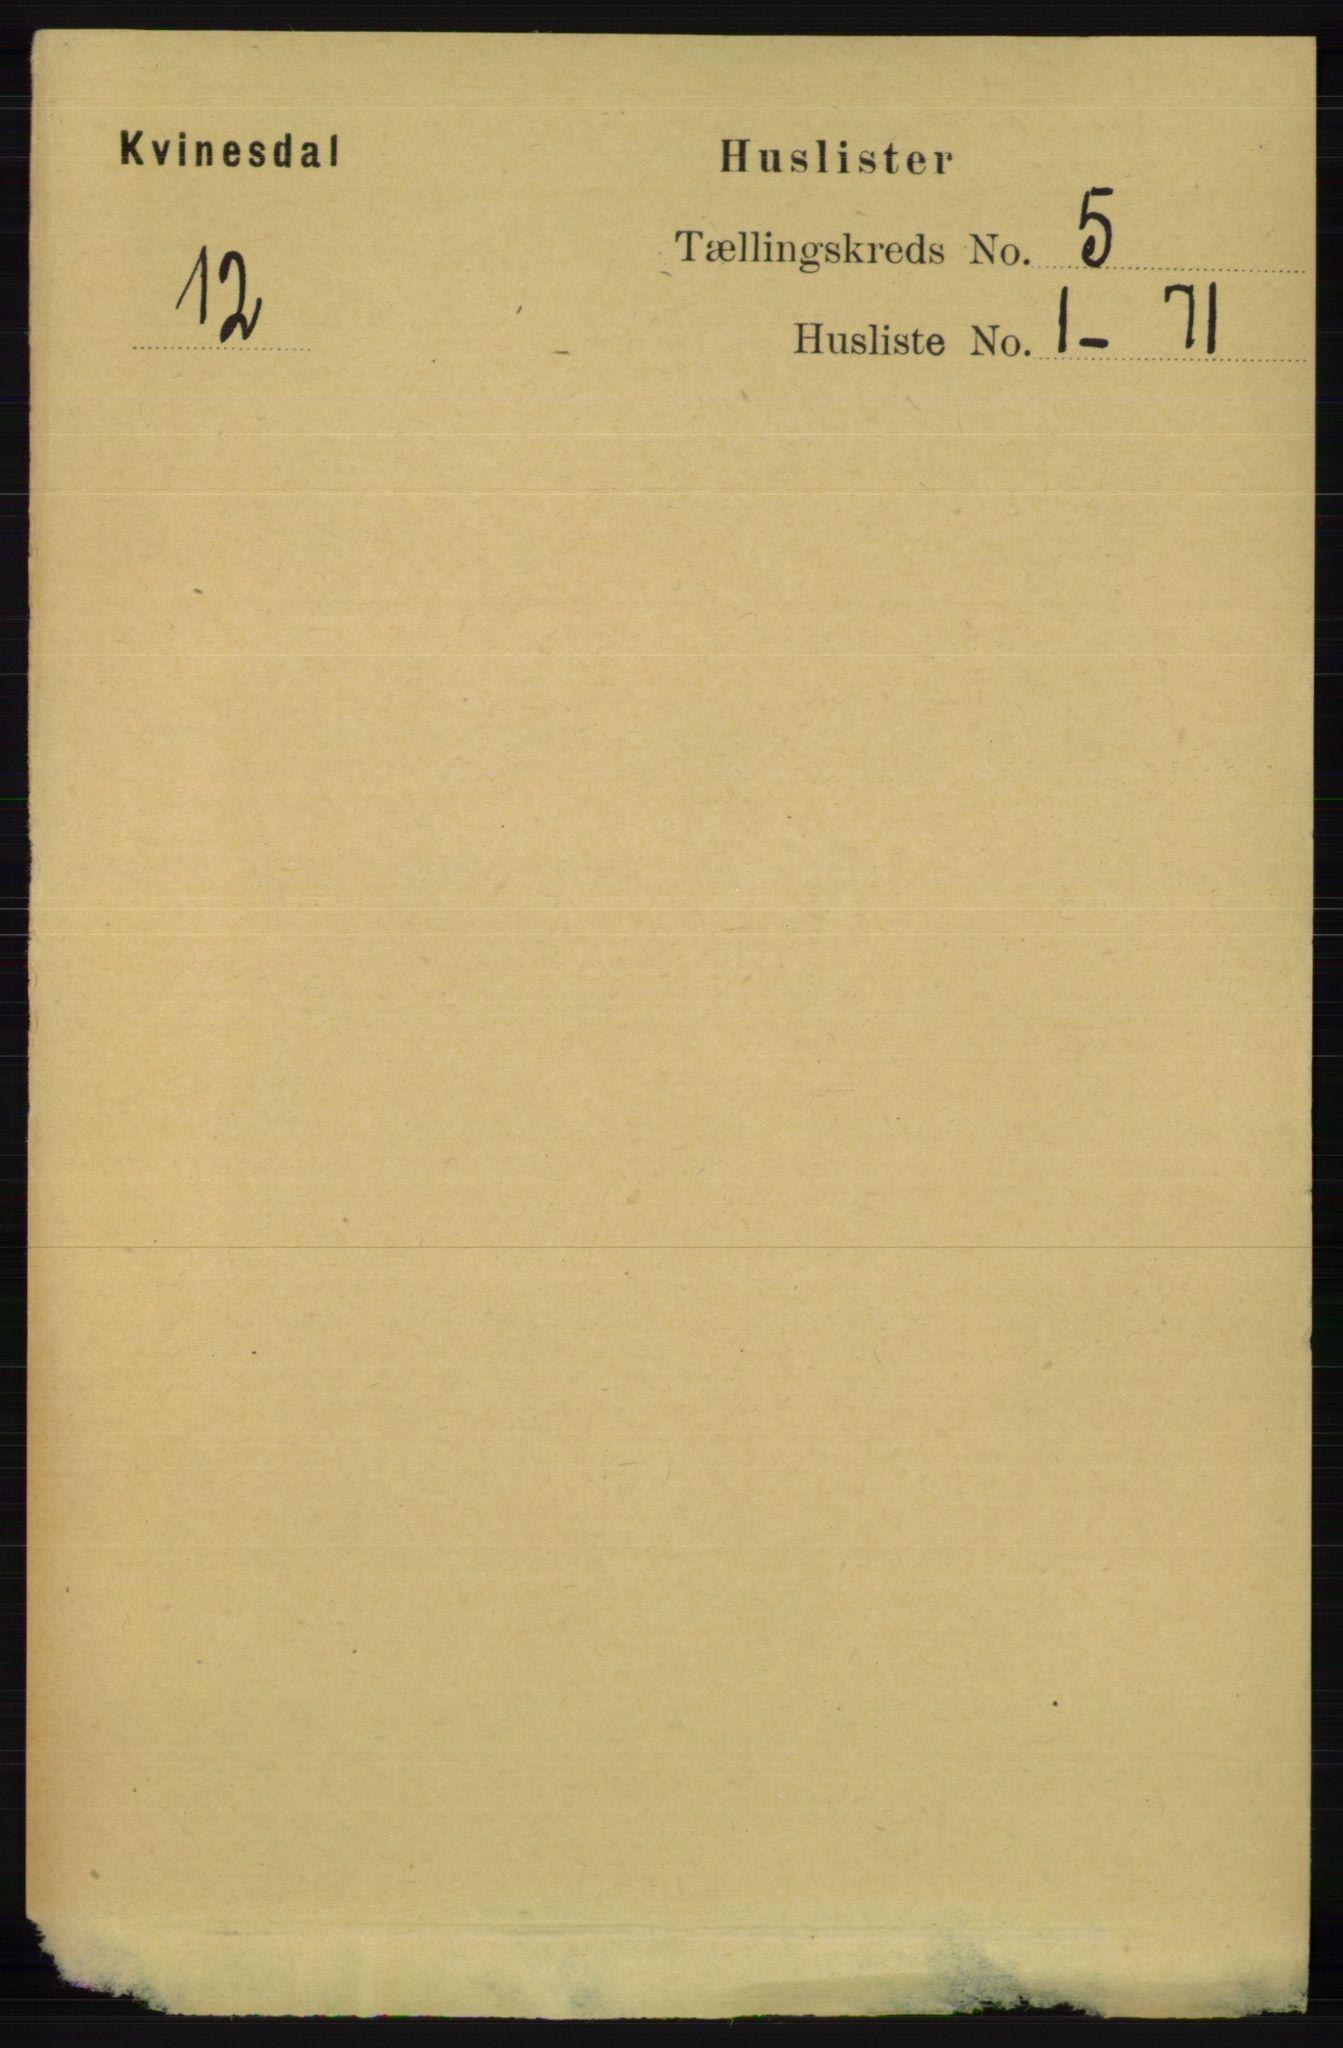 RA, Folketelling 1891 for 1037 Kvinesdal herred, 1891, s. 1623